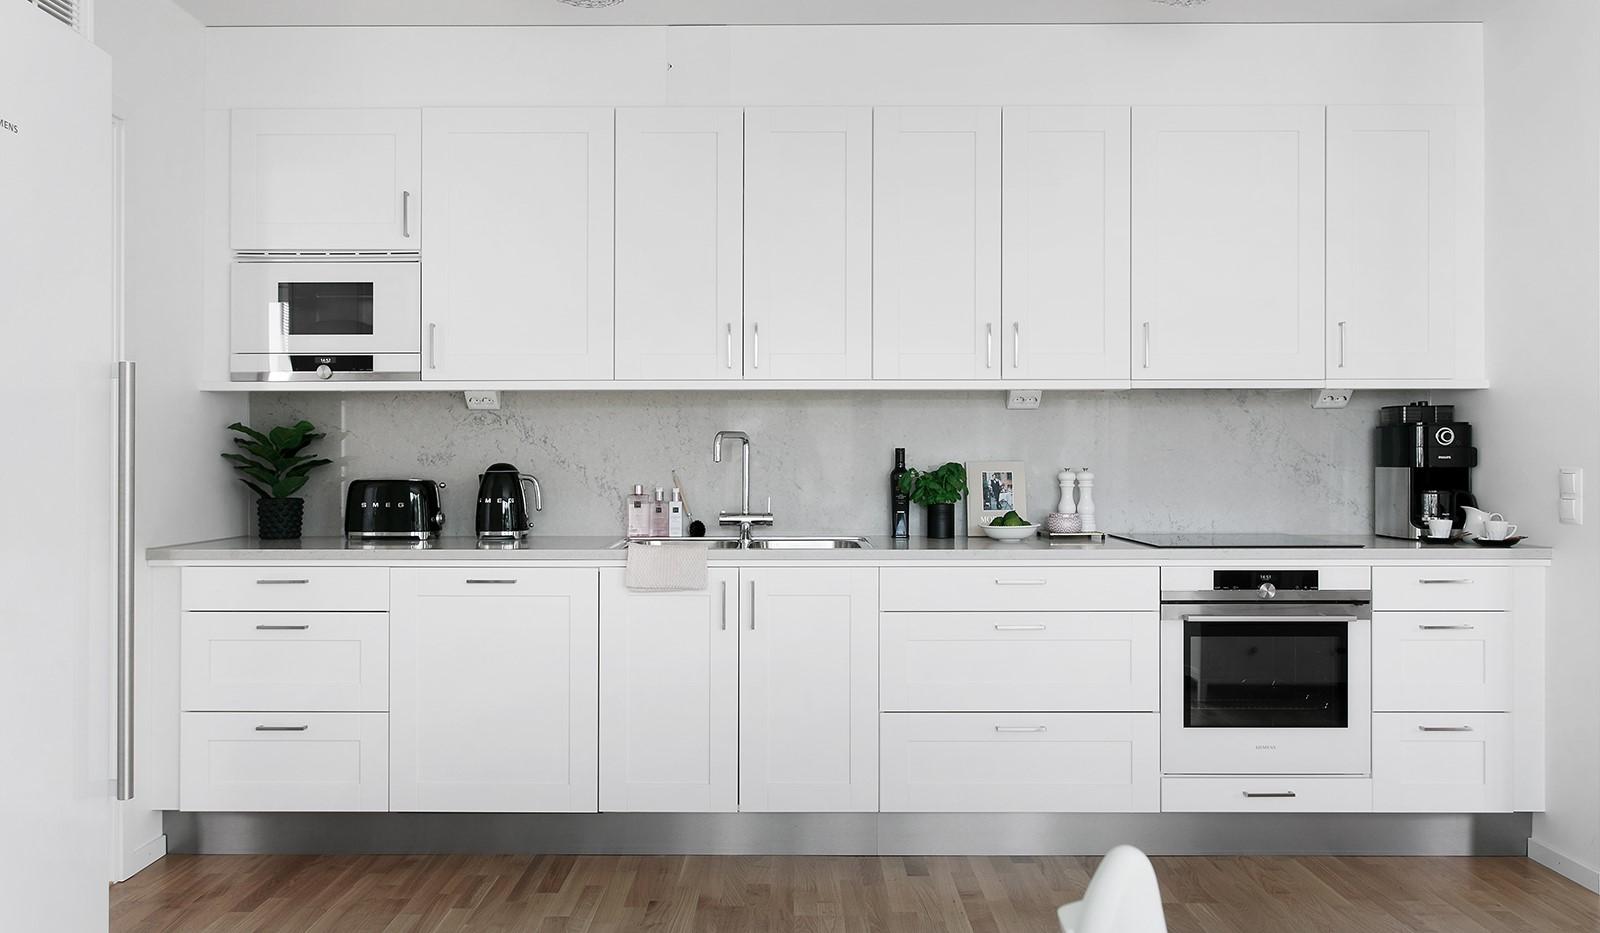 Oskarslundsbacken 13, 2tr - Stilrent kök med bra arbetsytor